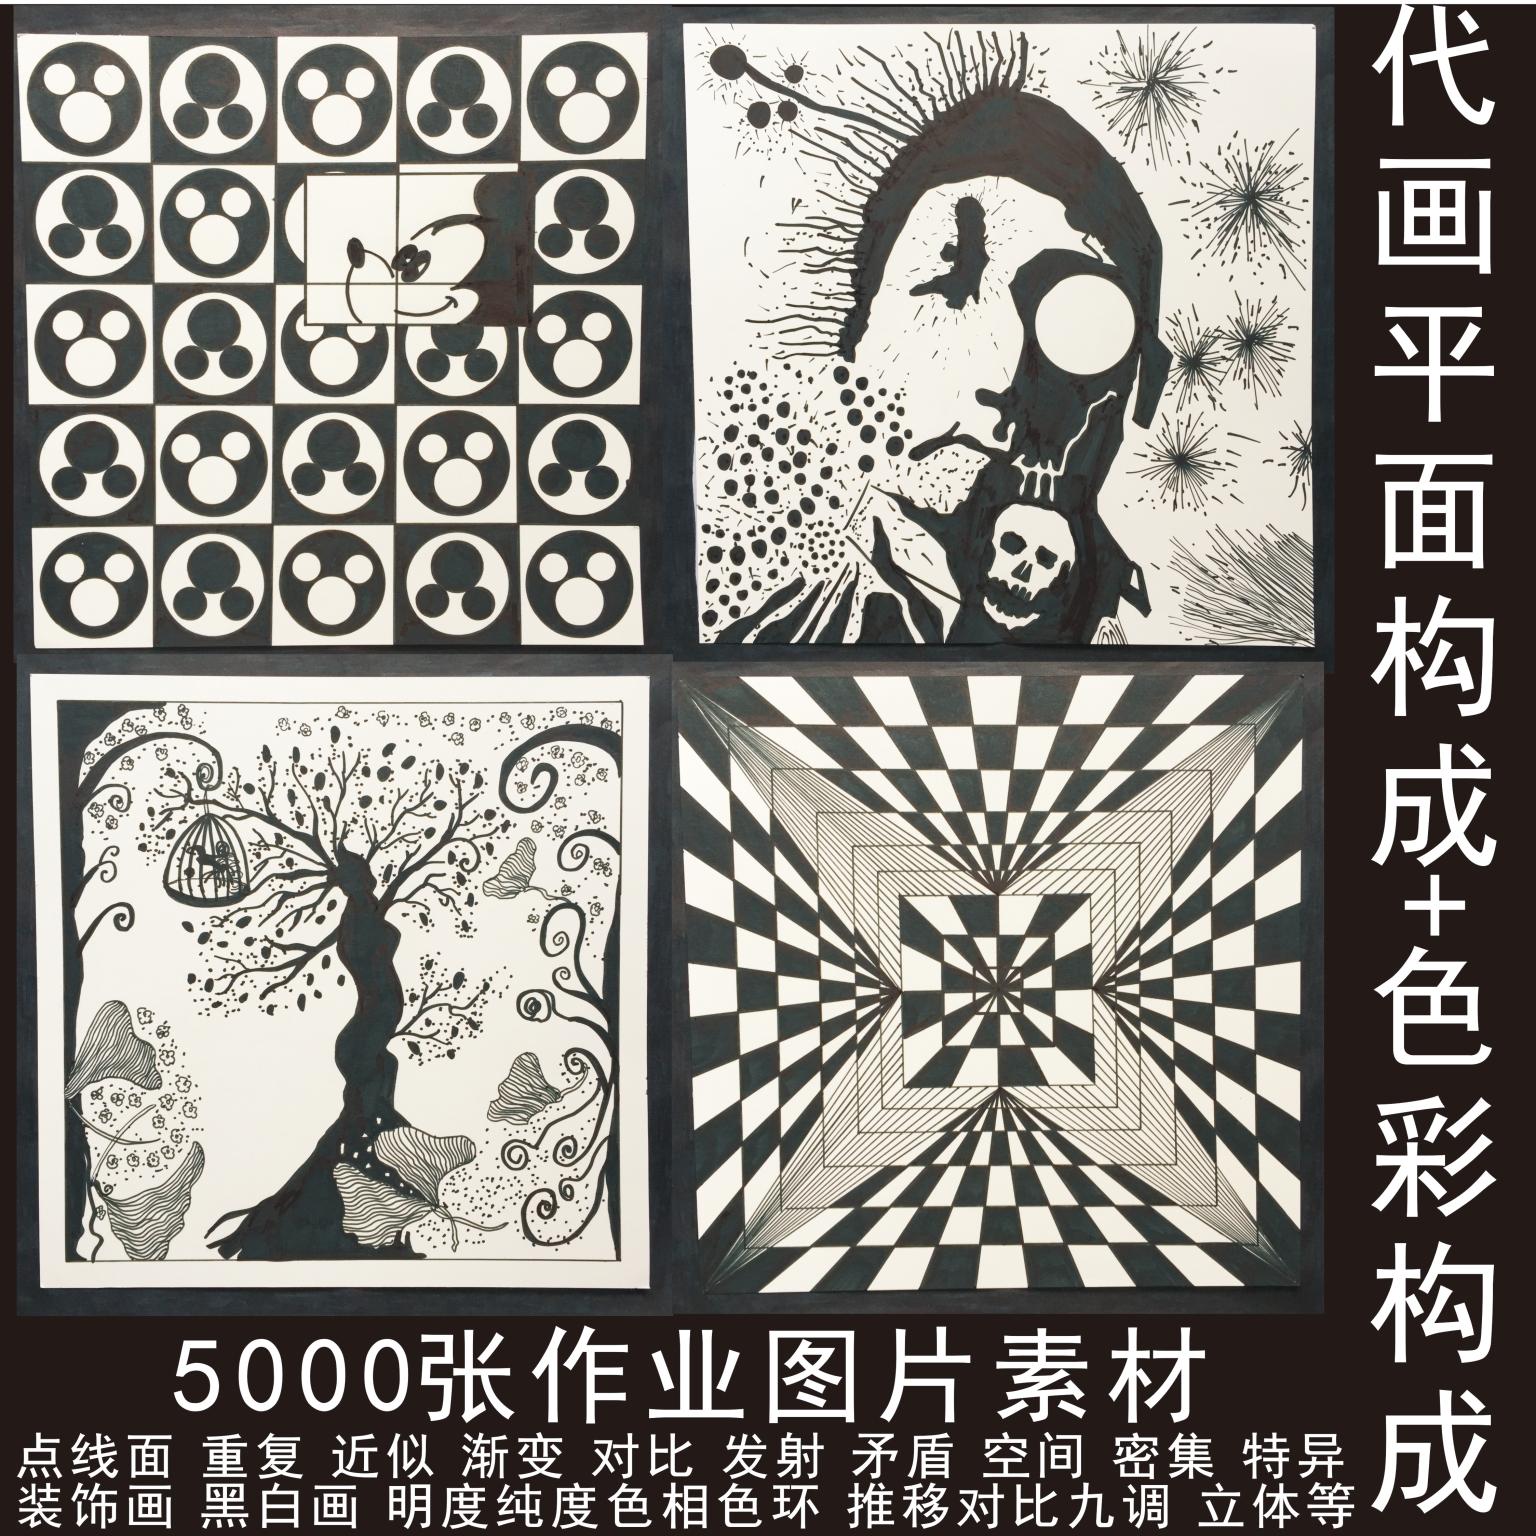 Купить Гуашь в Китае, в интернет магазине таобао на русском языке